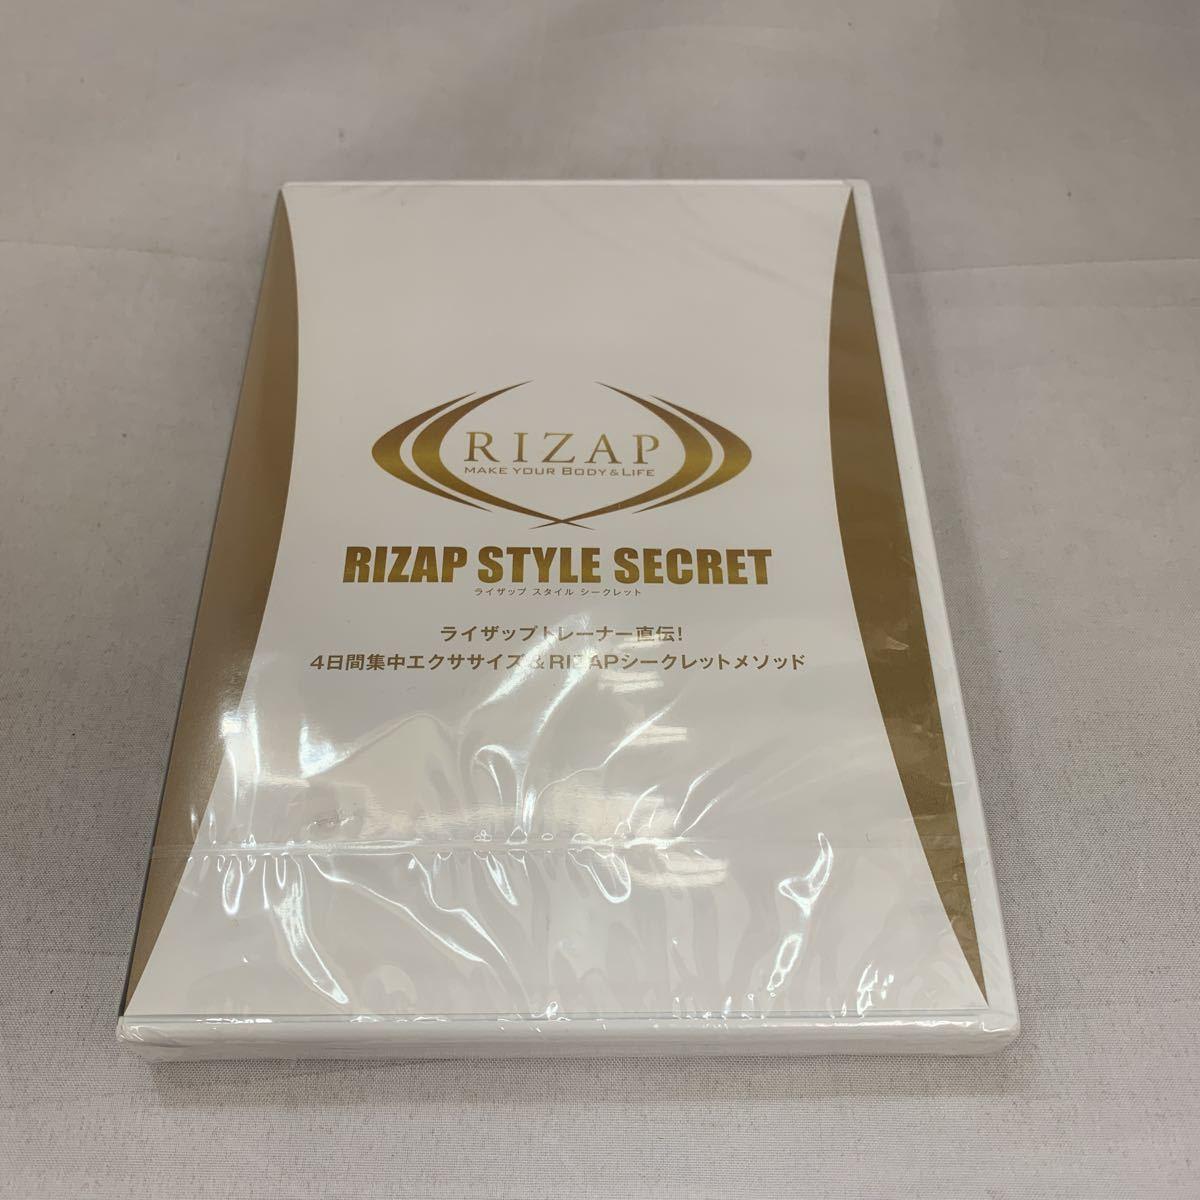 【DVD】RIZAP STYLE SECRET ライザップ スタイル シークレット 0714ts2